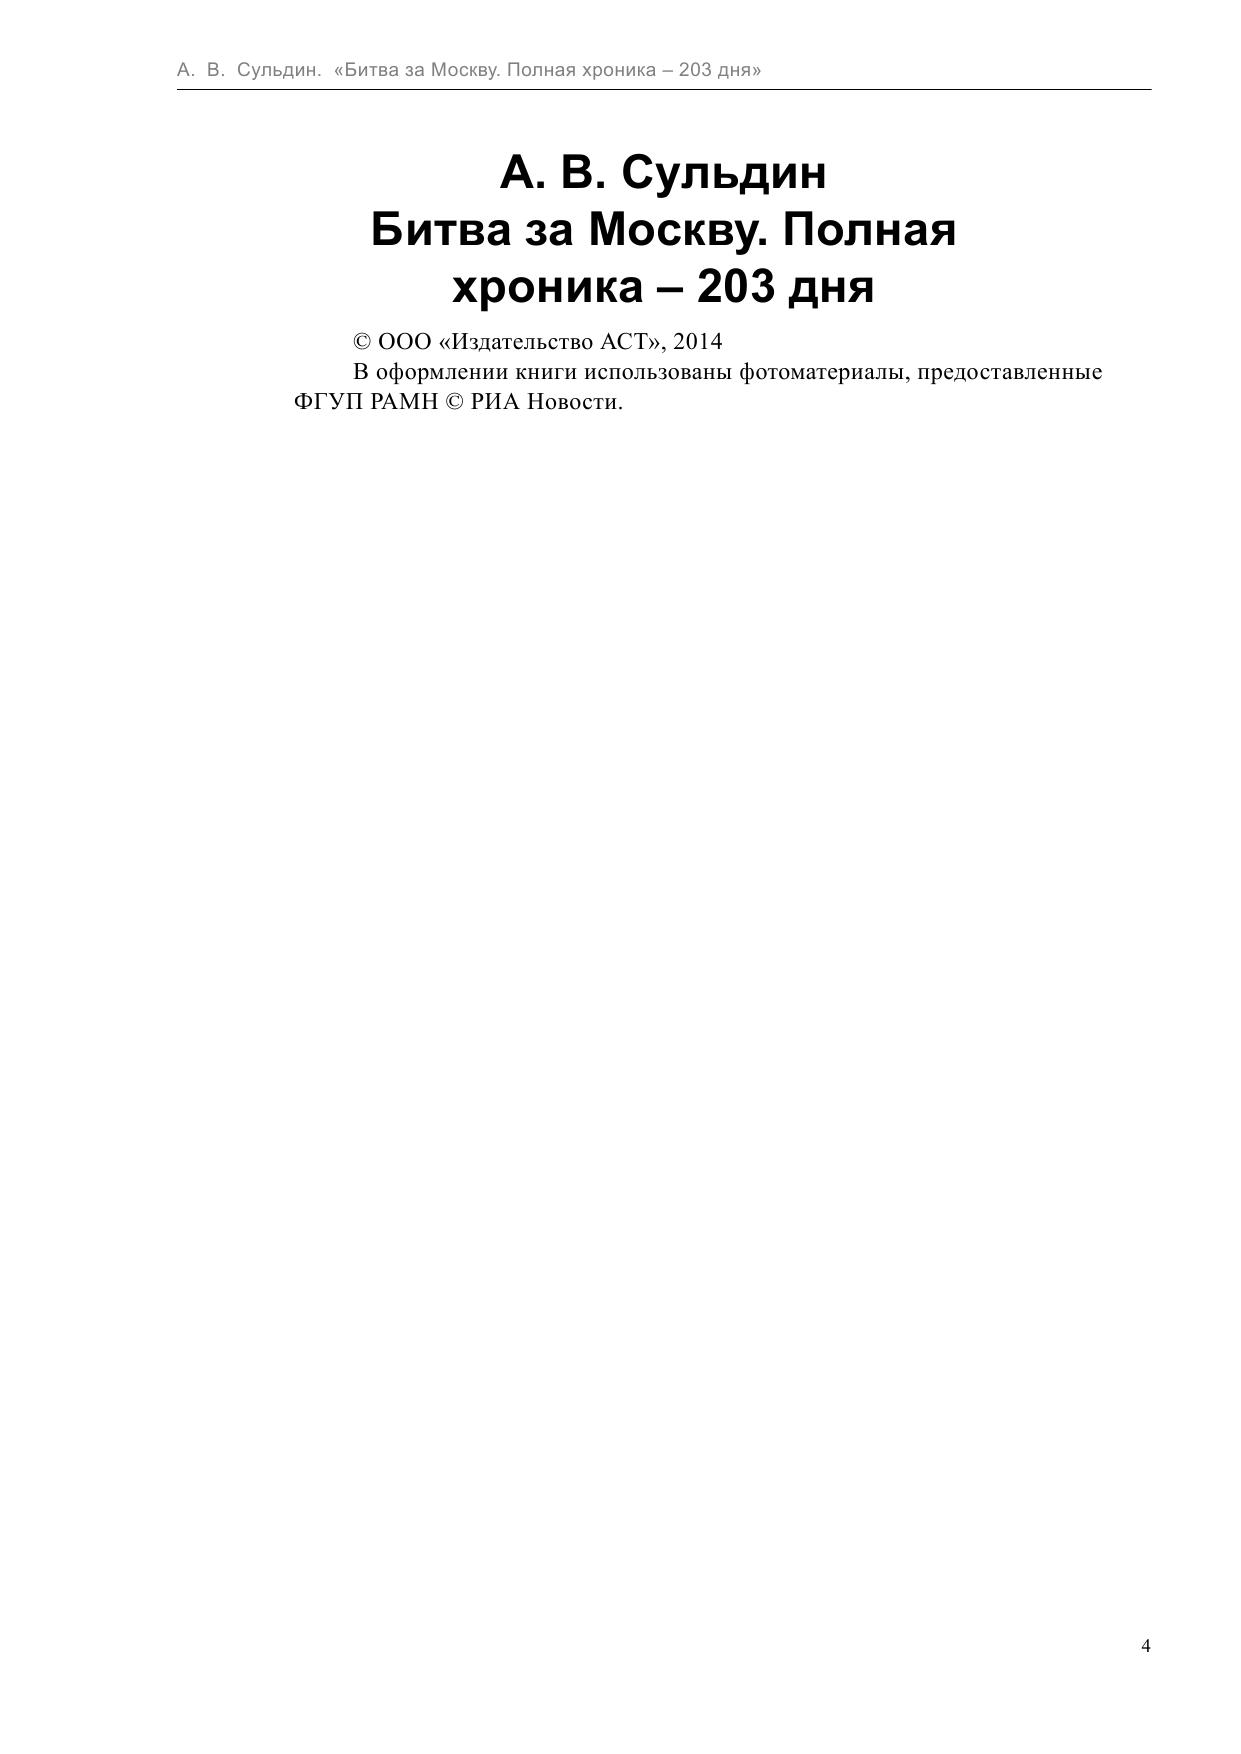 Хроника битва за москву 6 фотография